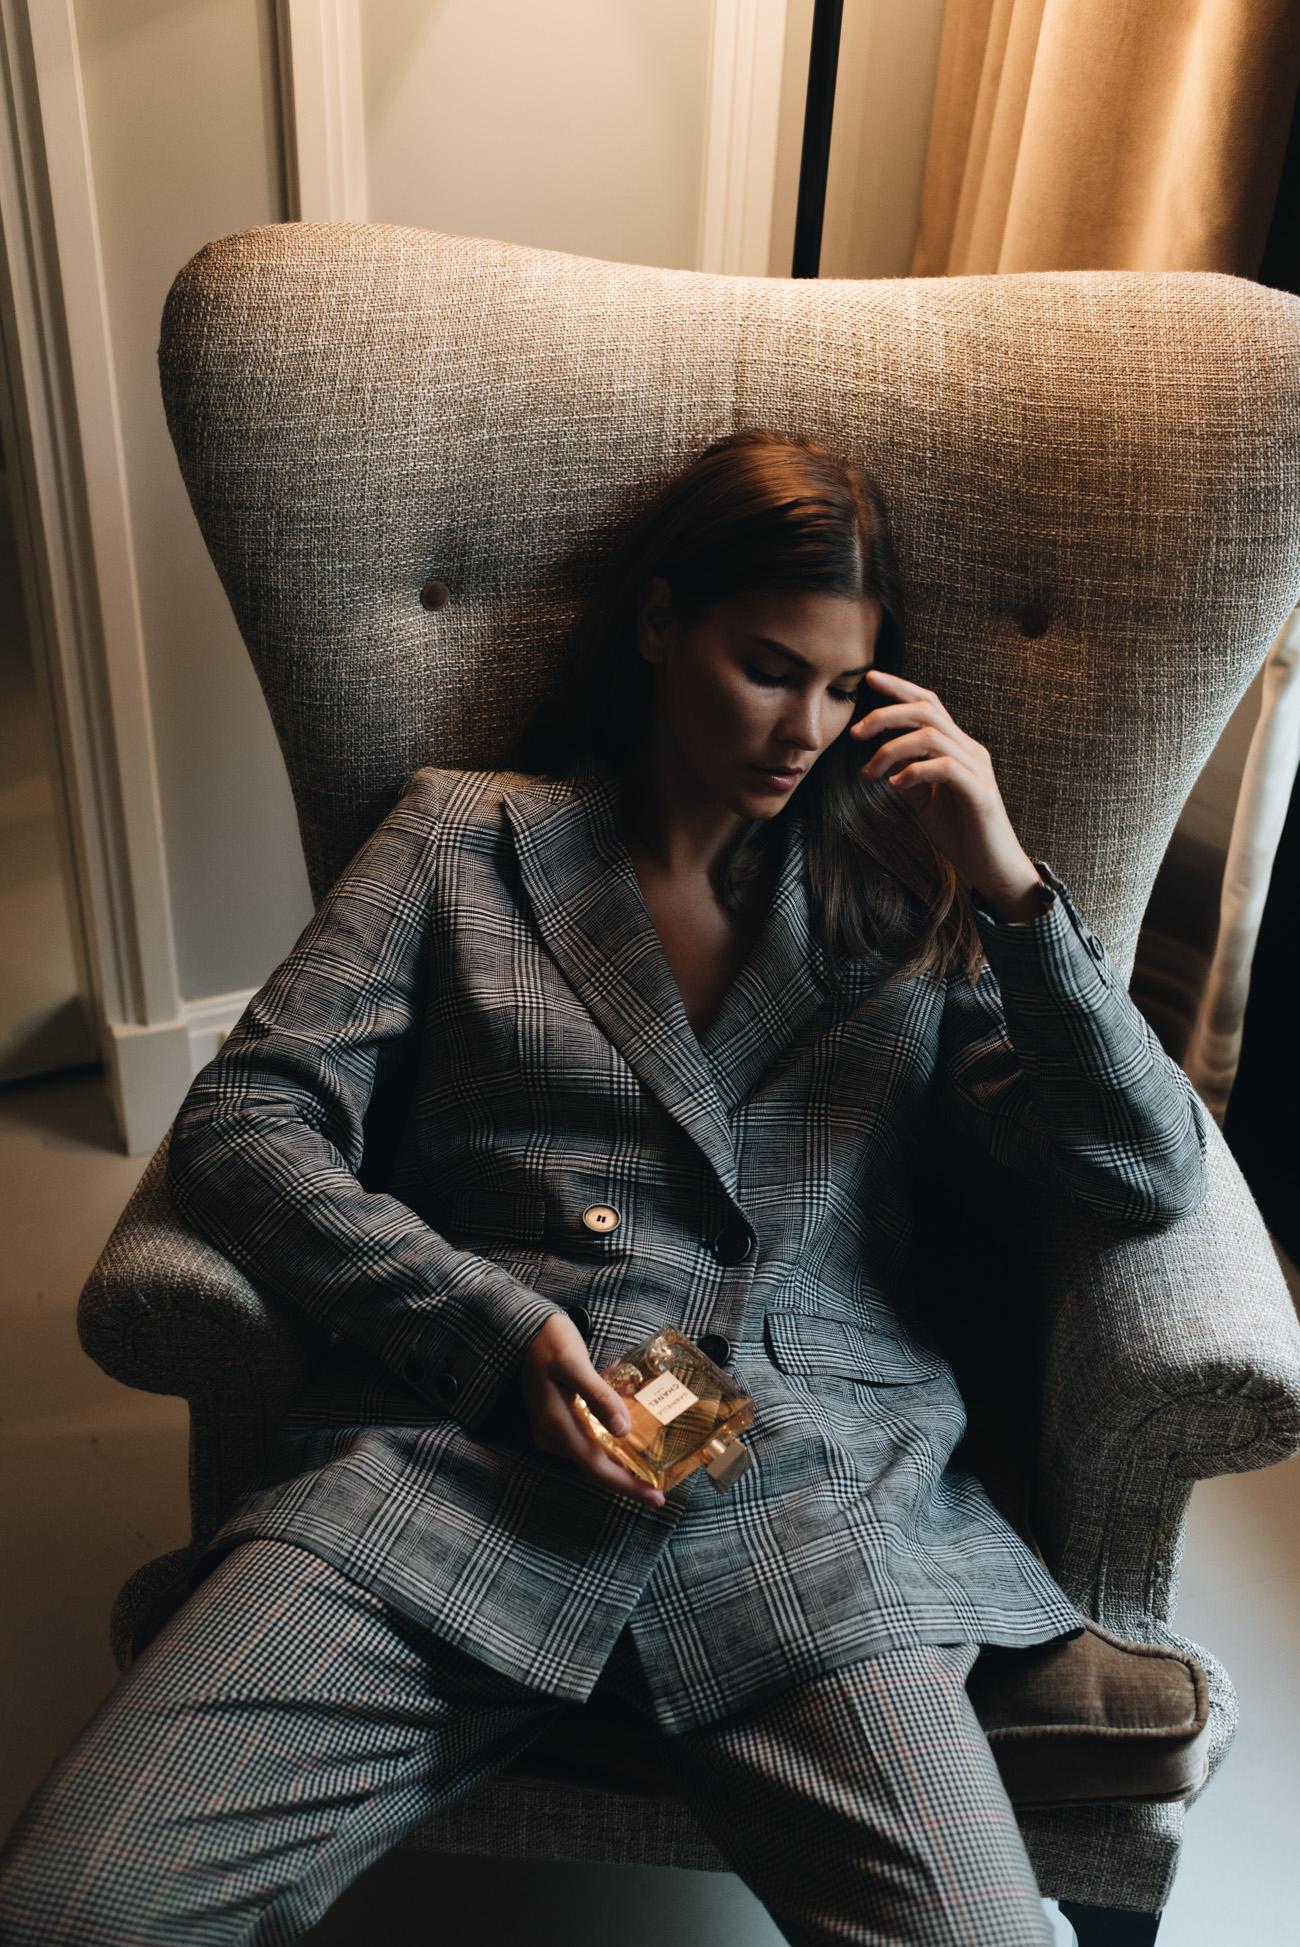 duft-neuheiten-2017-gabrielle-chanel-parfum-nina-schwichtenberg-fashiioncarpet